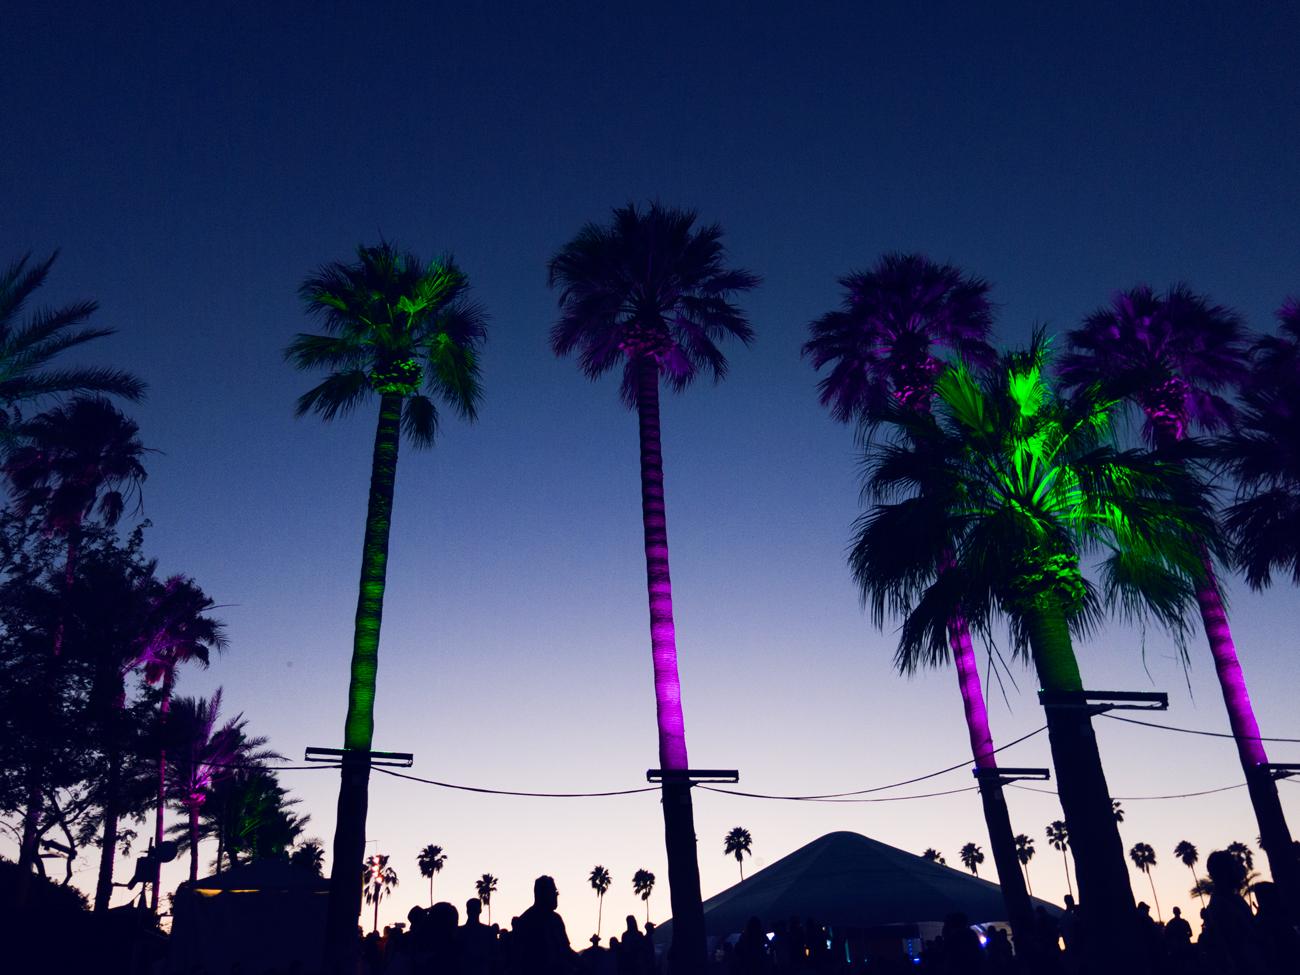 Kenza_Zouiten_Coachella_day3_16